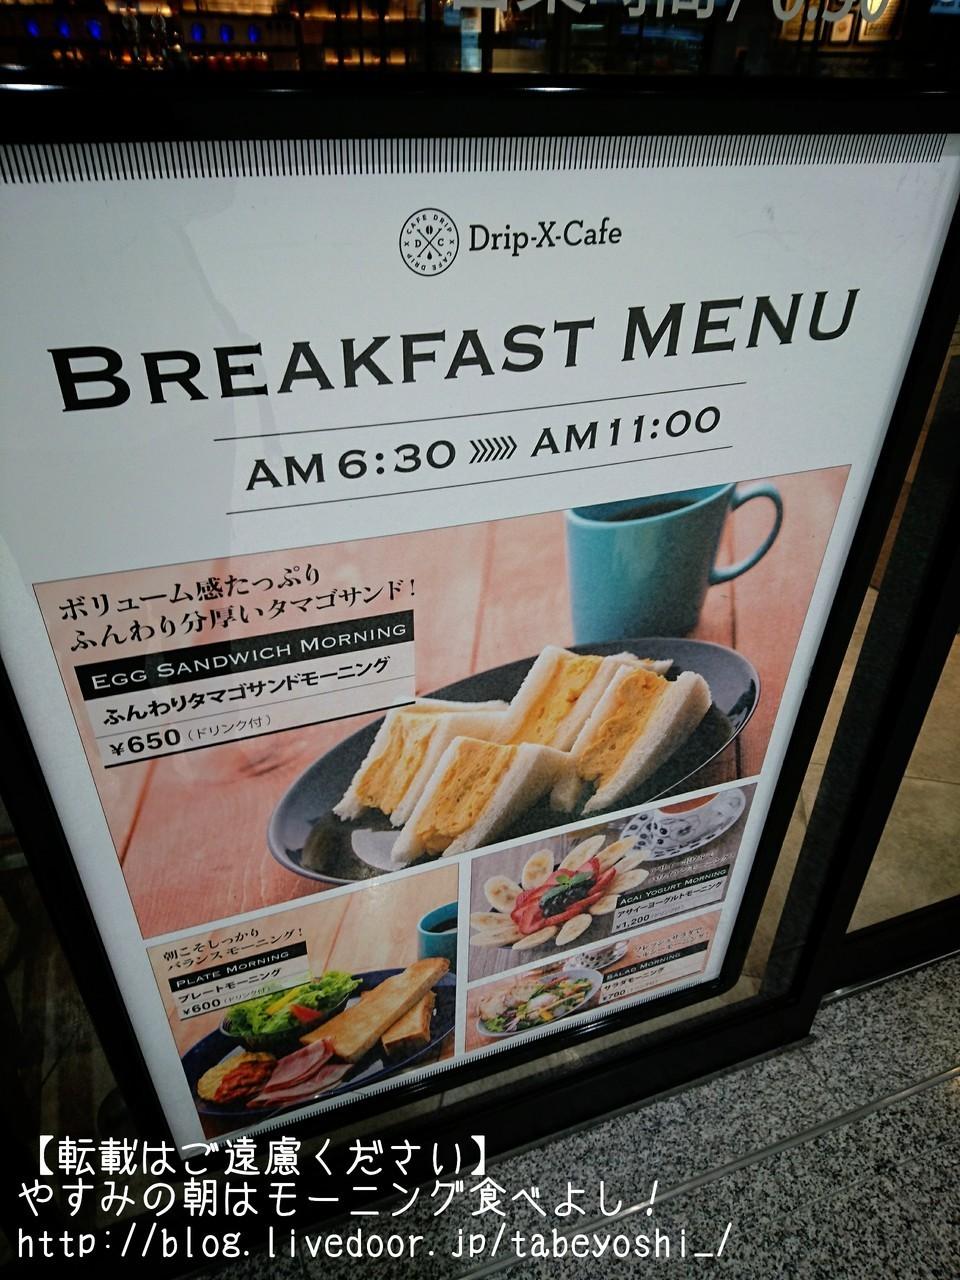 大阪Drip-X-Cafe-早餐菜單